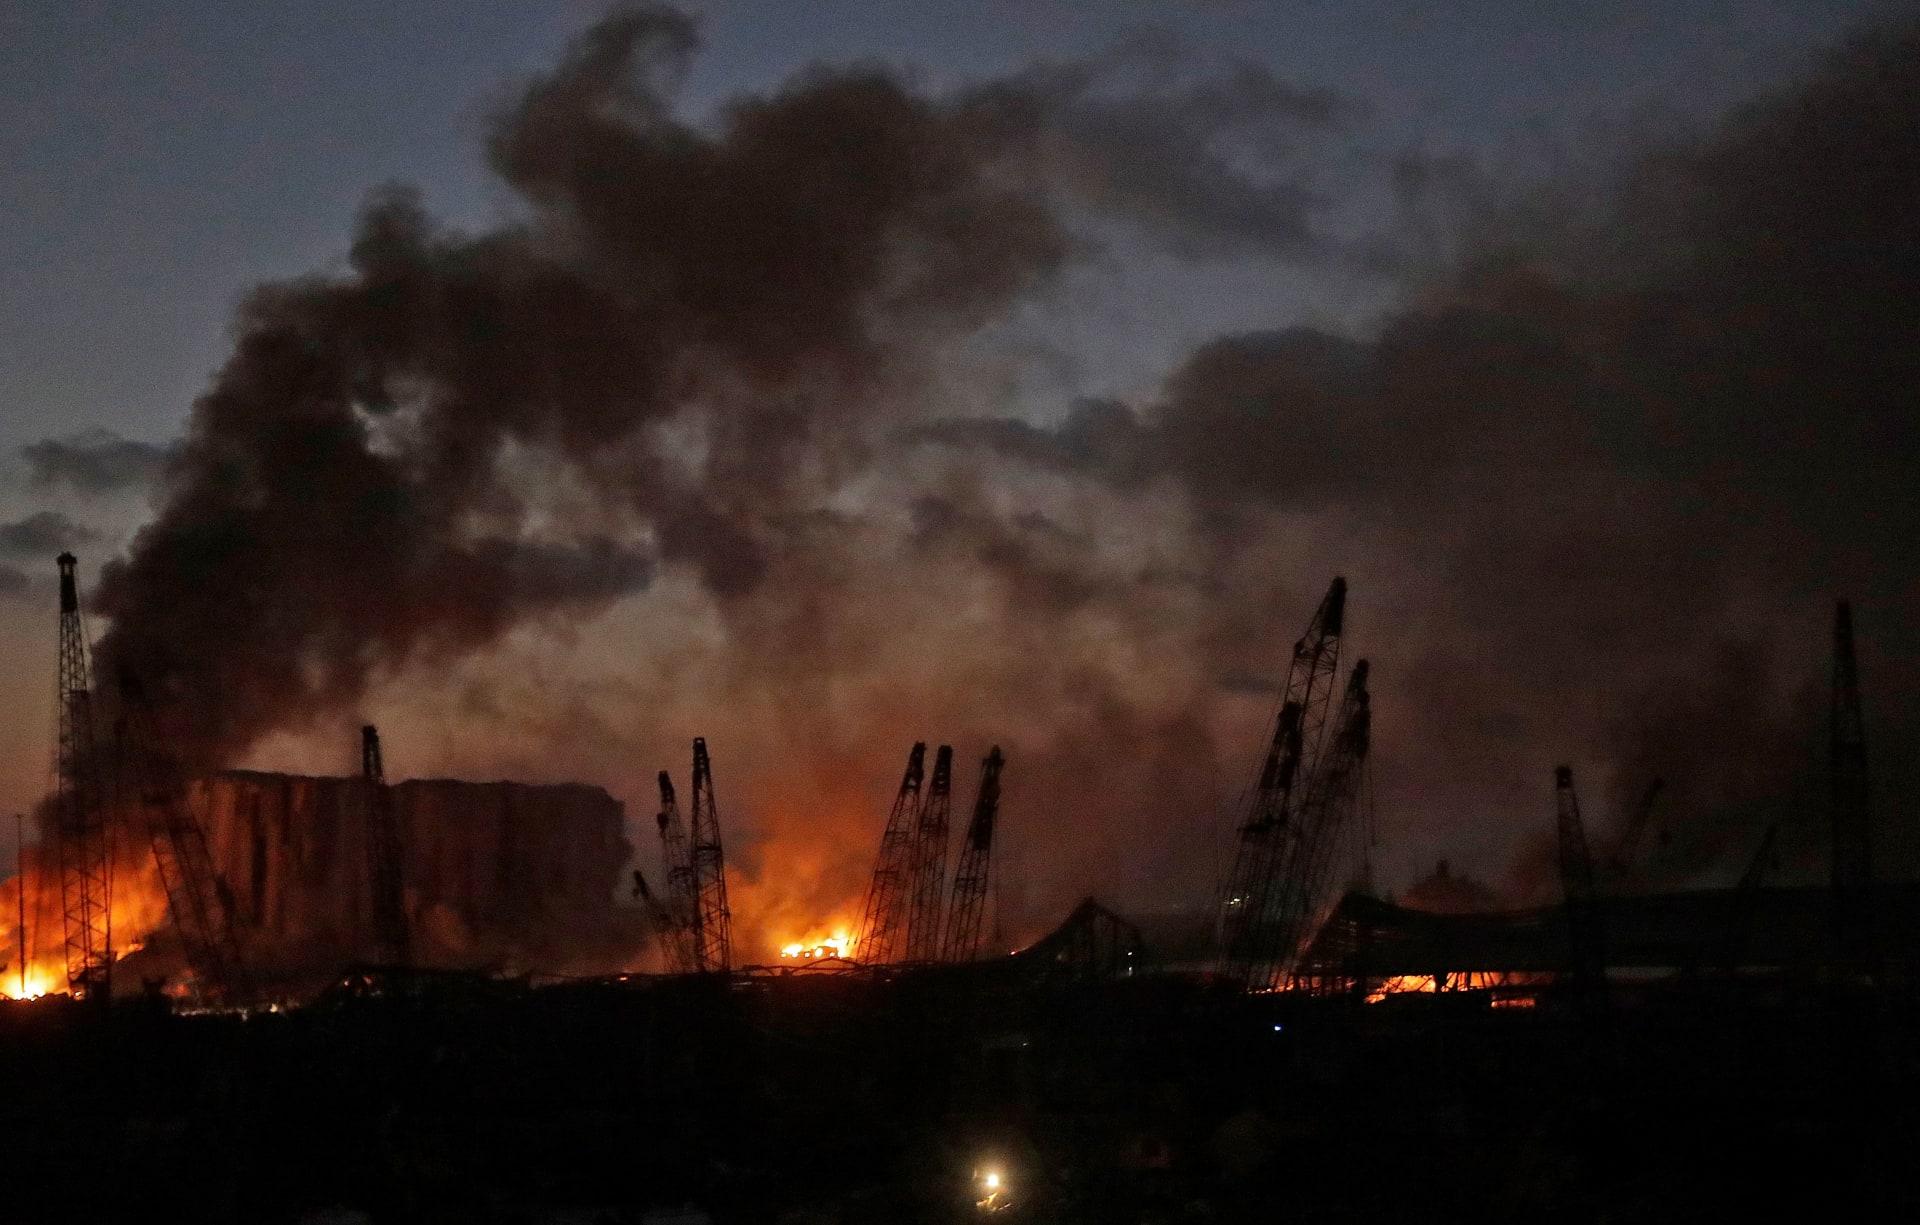 على بعد 240 كم.. سكان قبرص يشعرون بانفجار مرفأ بيروت